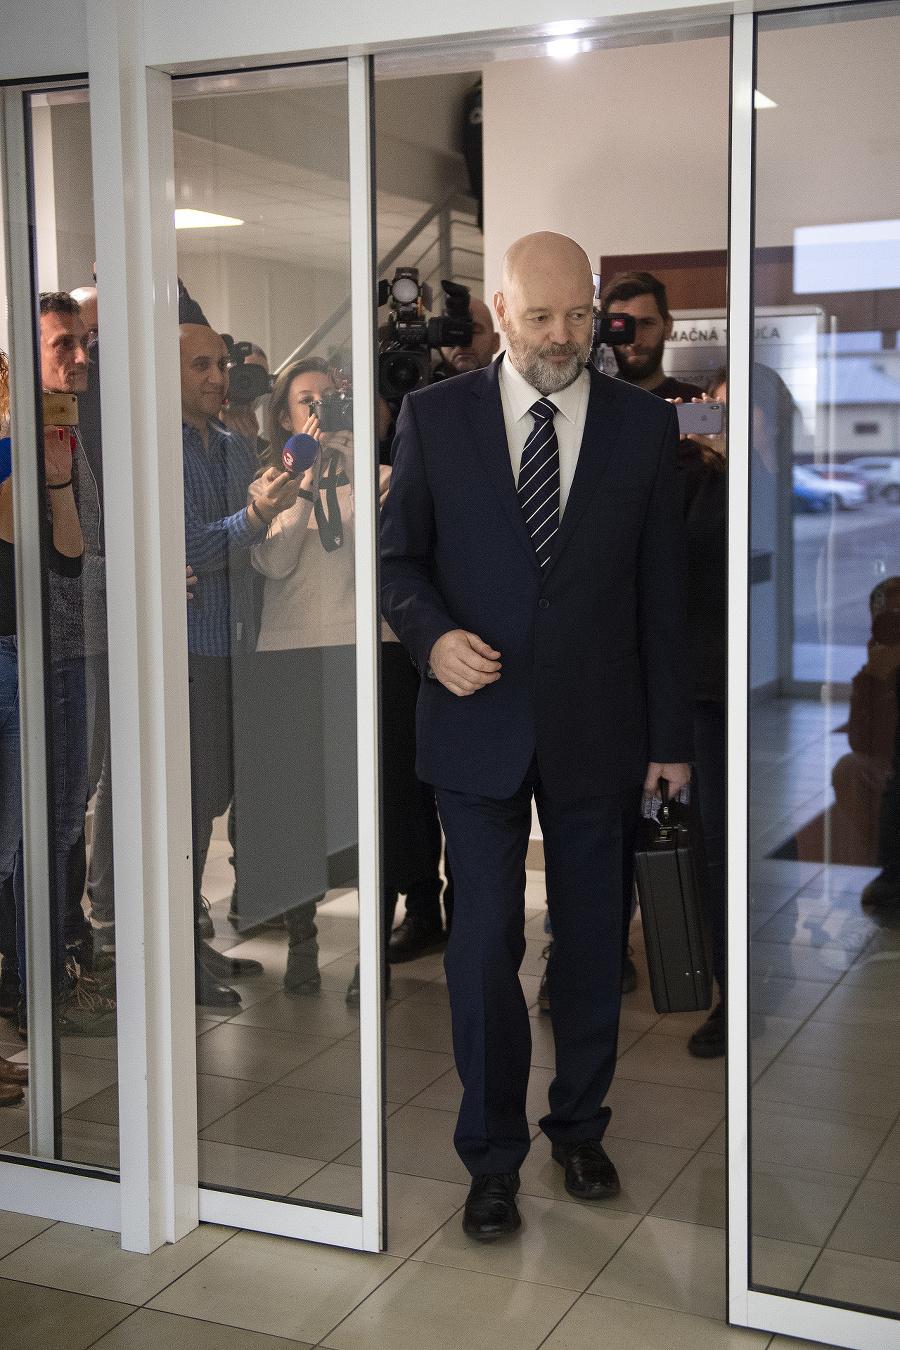 Ruska spovedajú novinári po